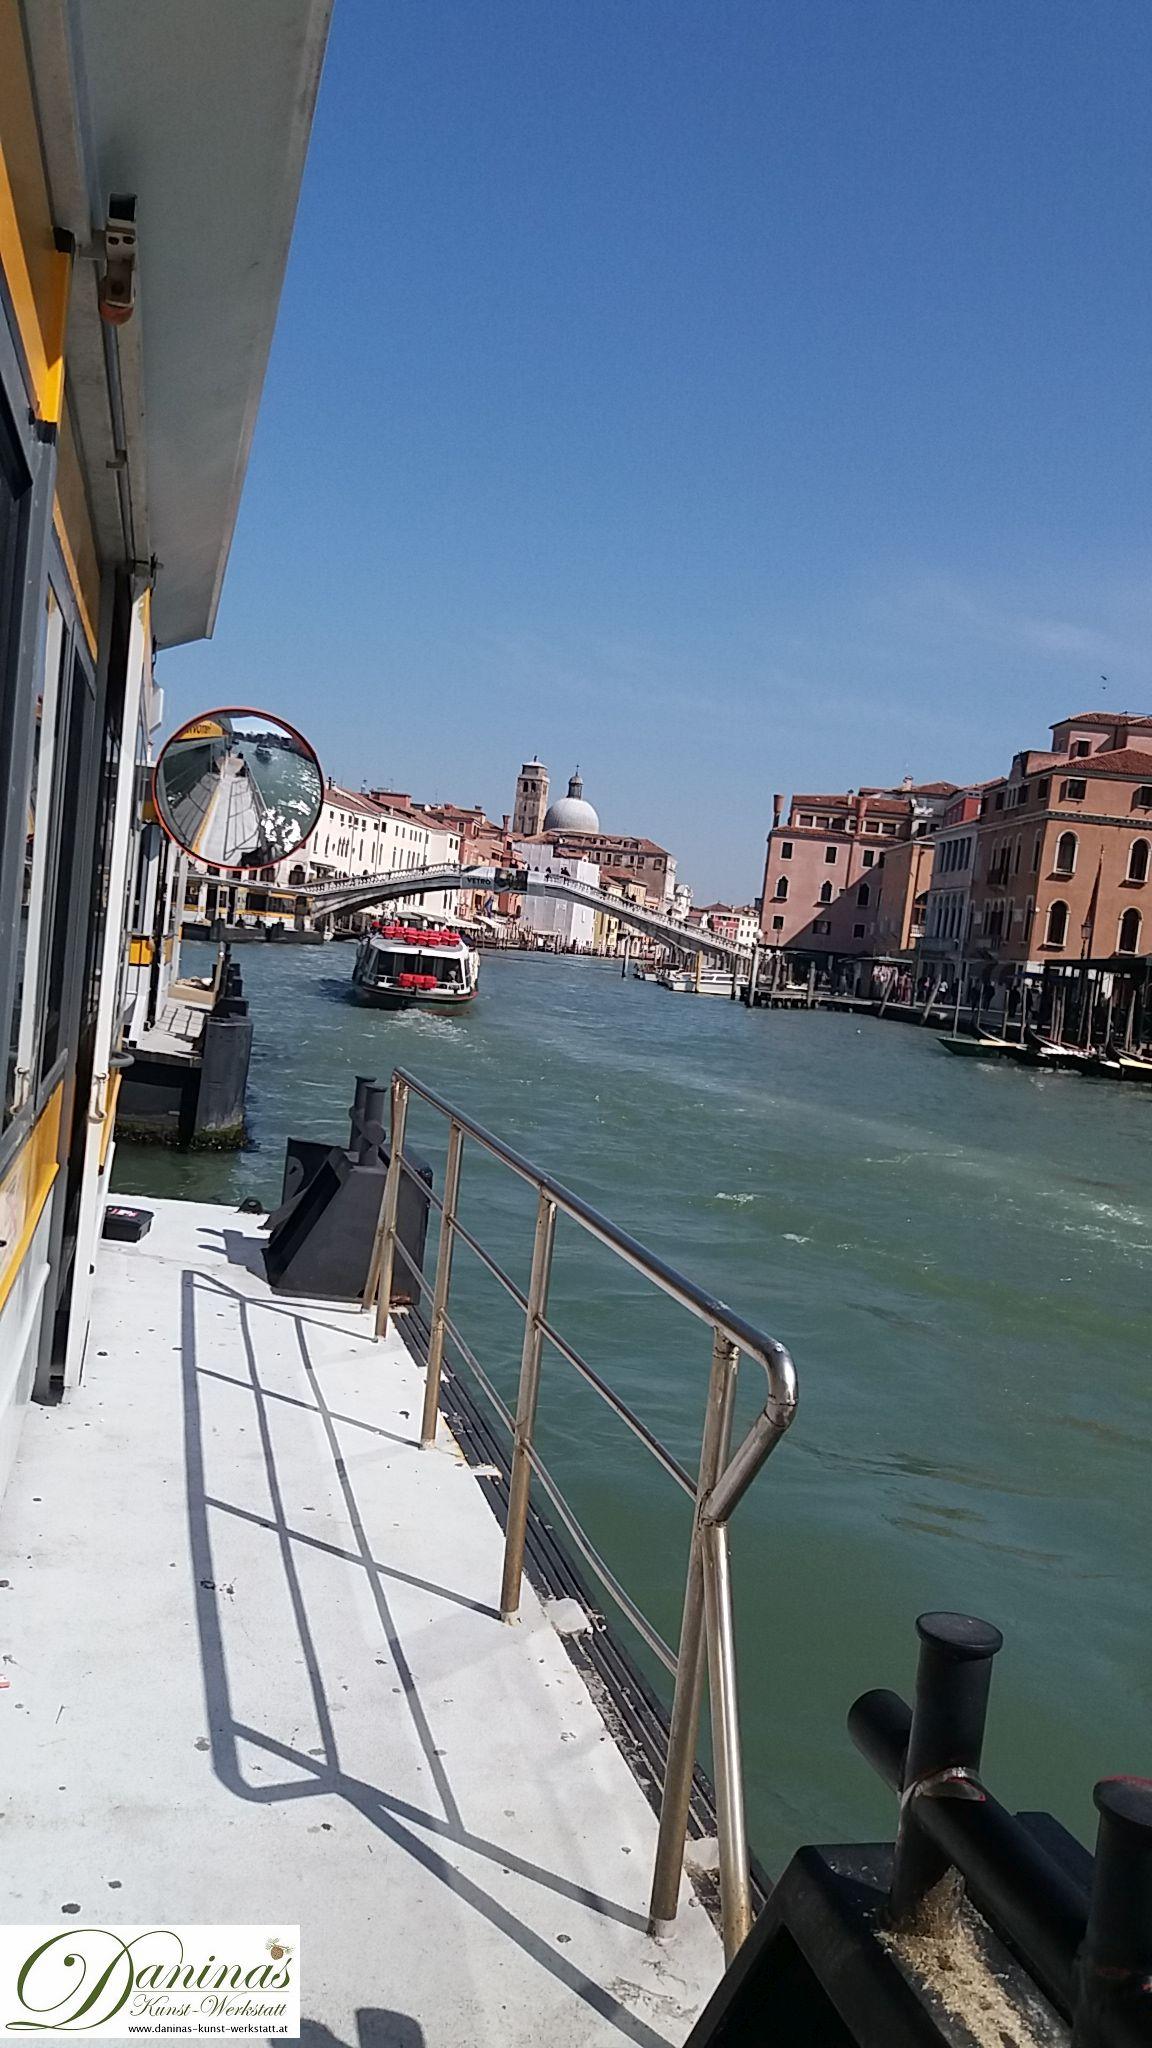 Venedig Vaporetto-Haltestelle (Wasserbus)